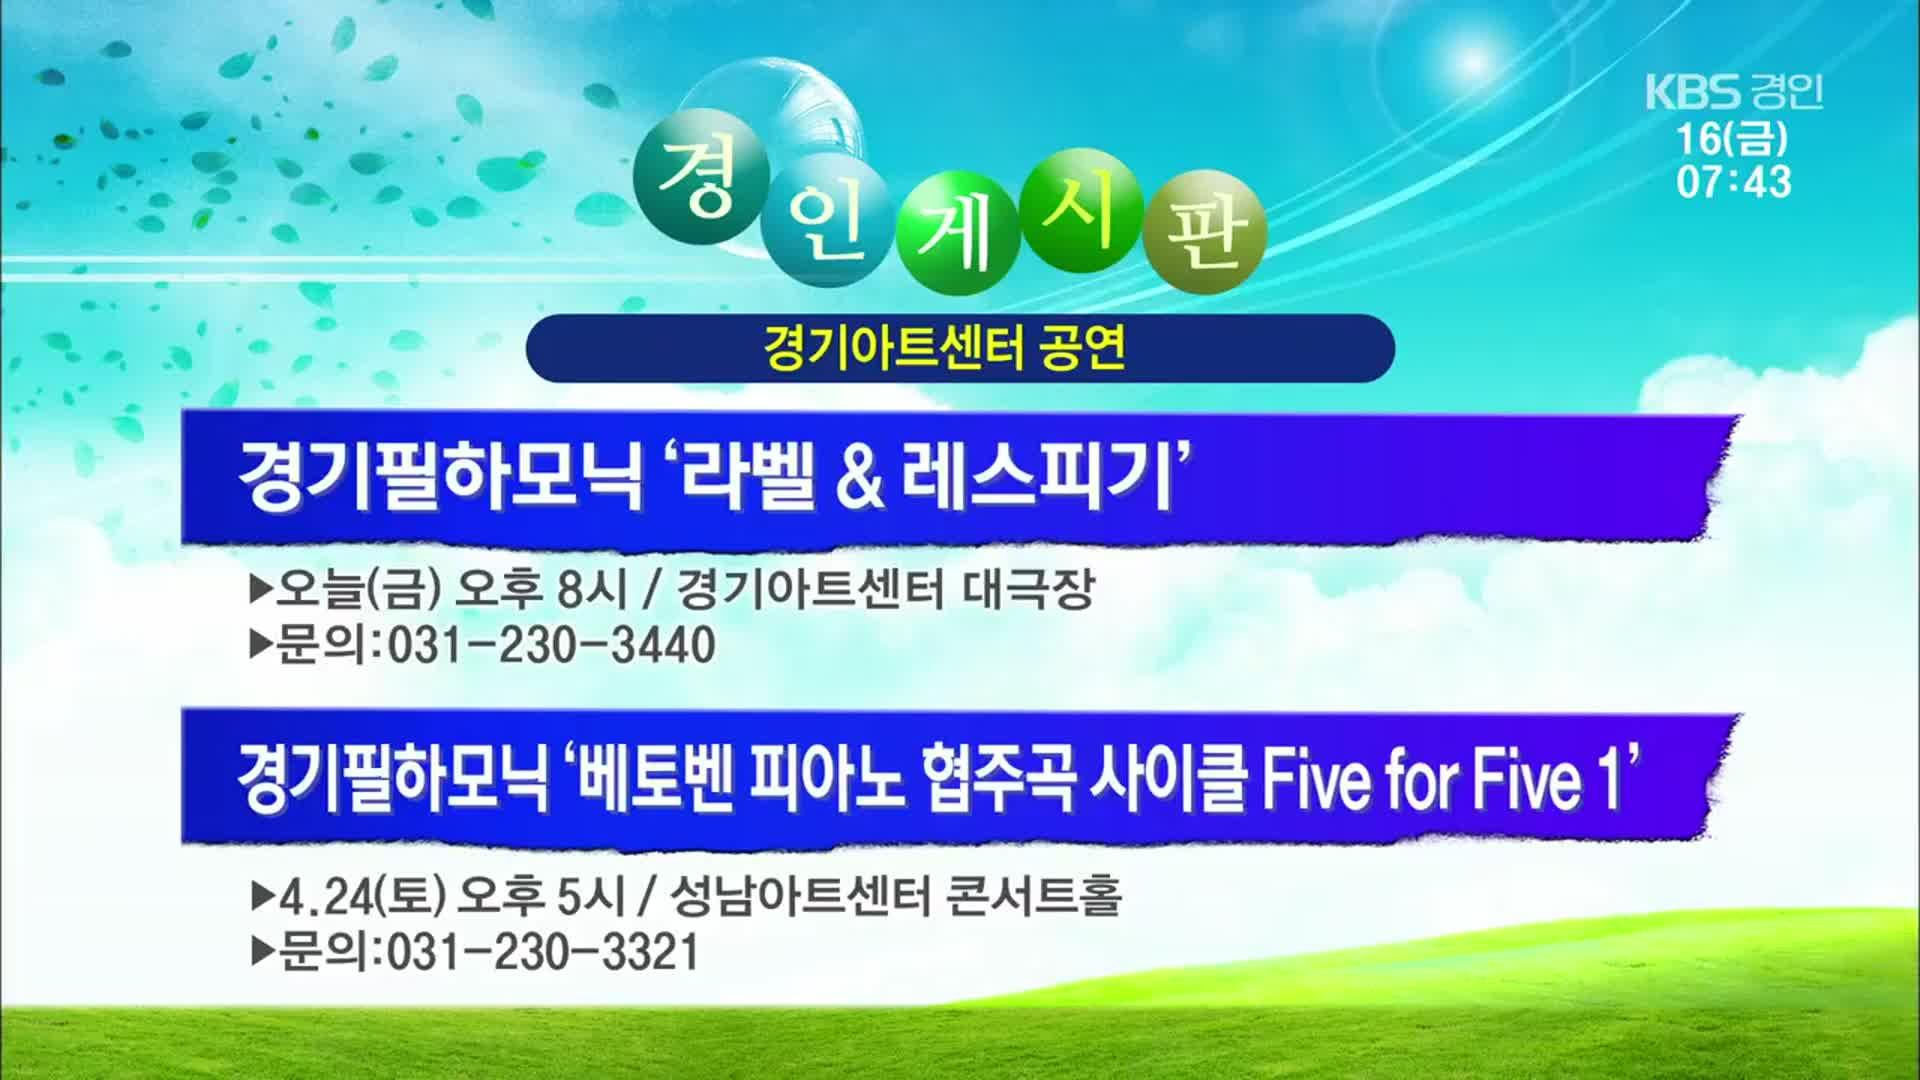 [경인 게시판] 경기필하모닉 '라벨 & 레스피기' 외